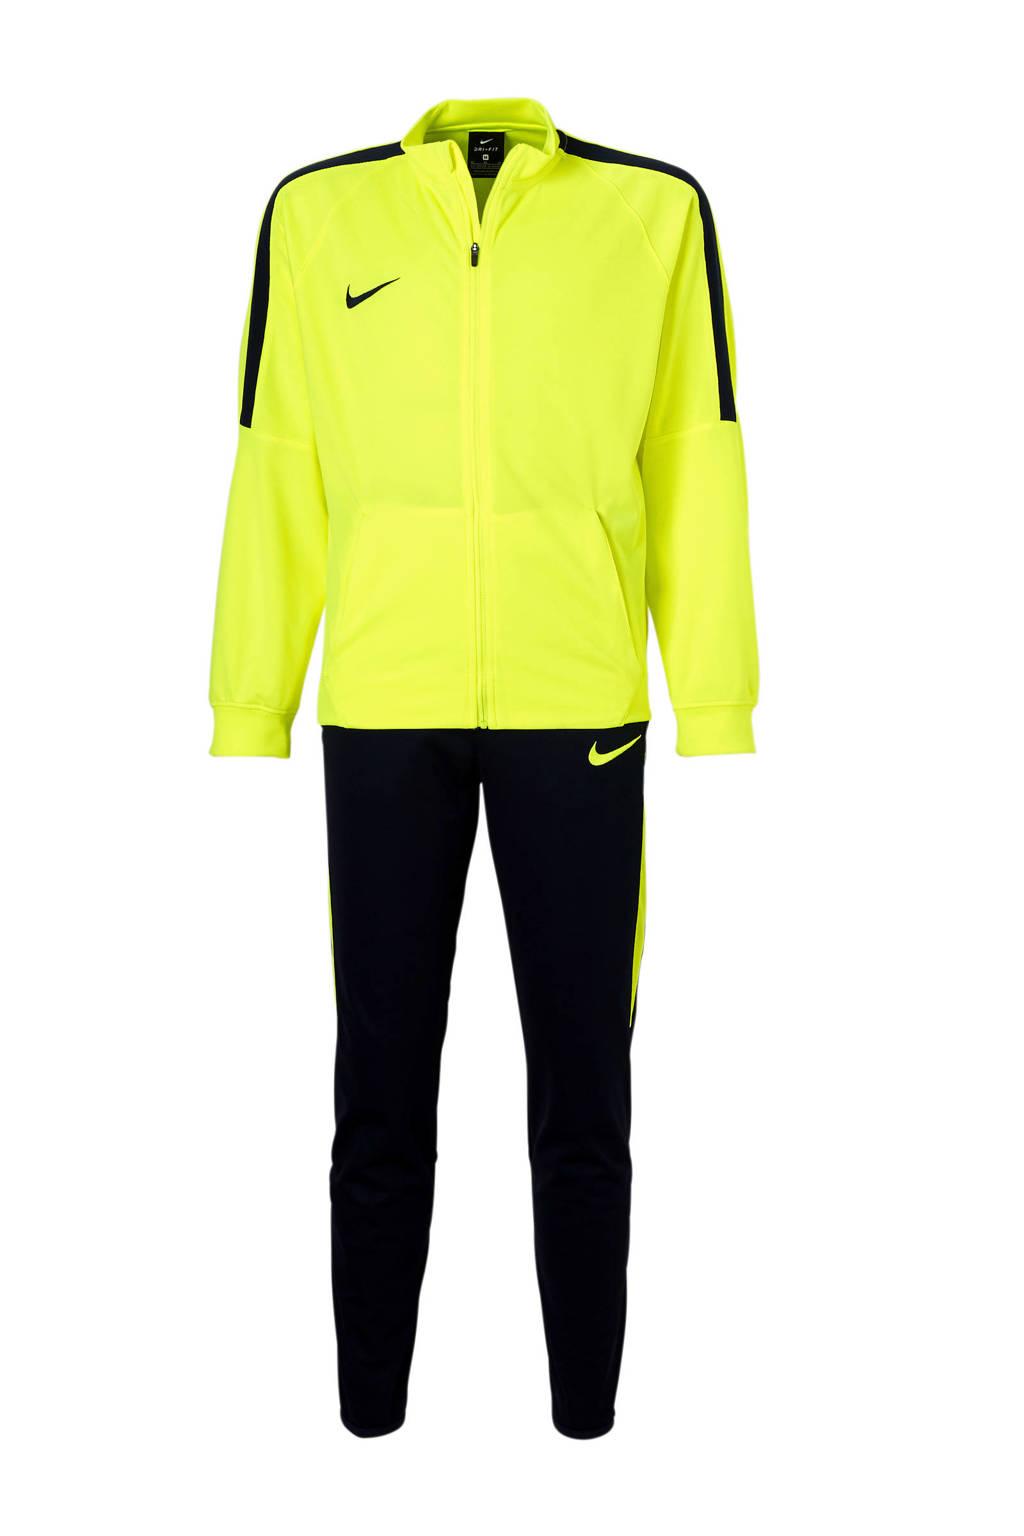 Nike   trainingspak geel/donkerblauw, Geel/donkerblauw